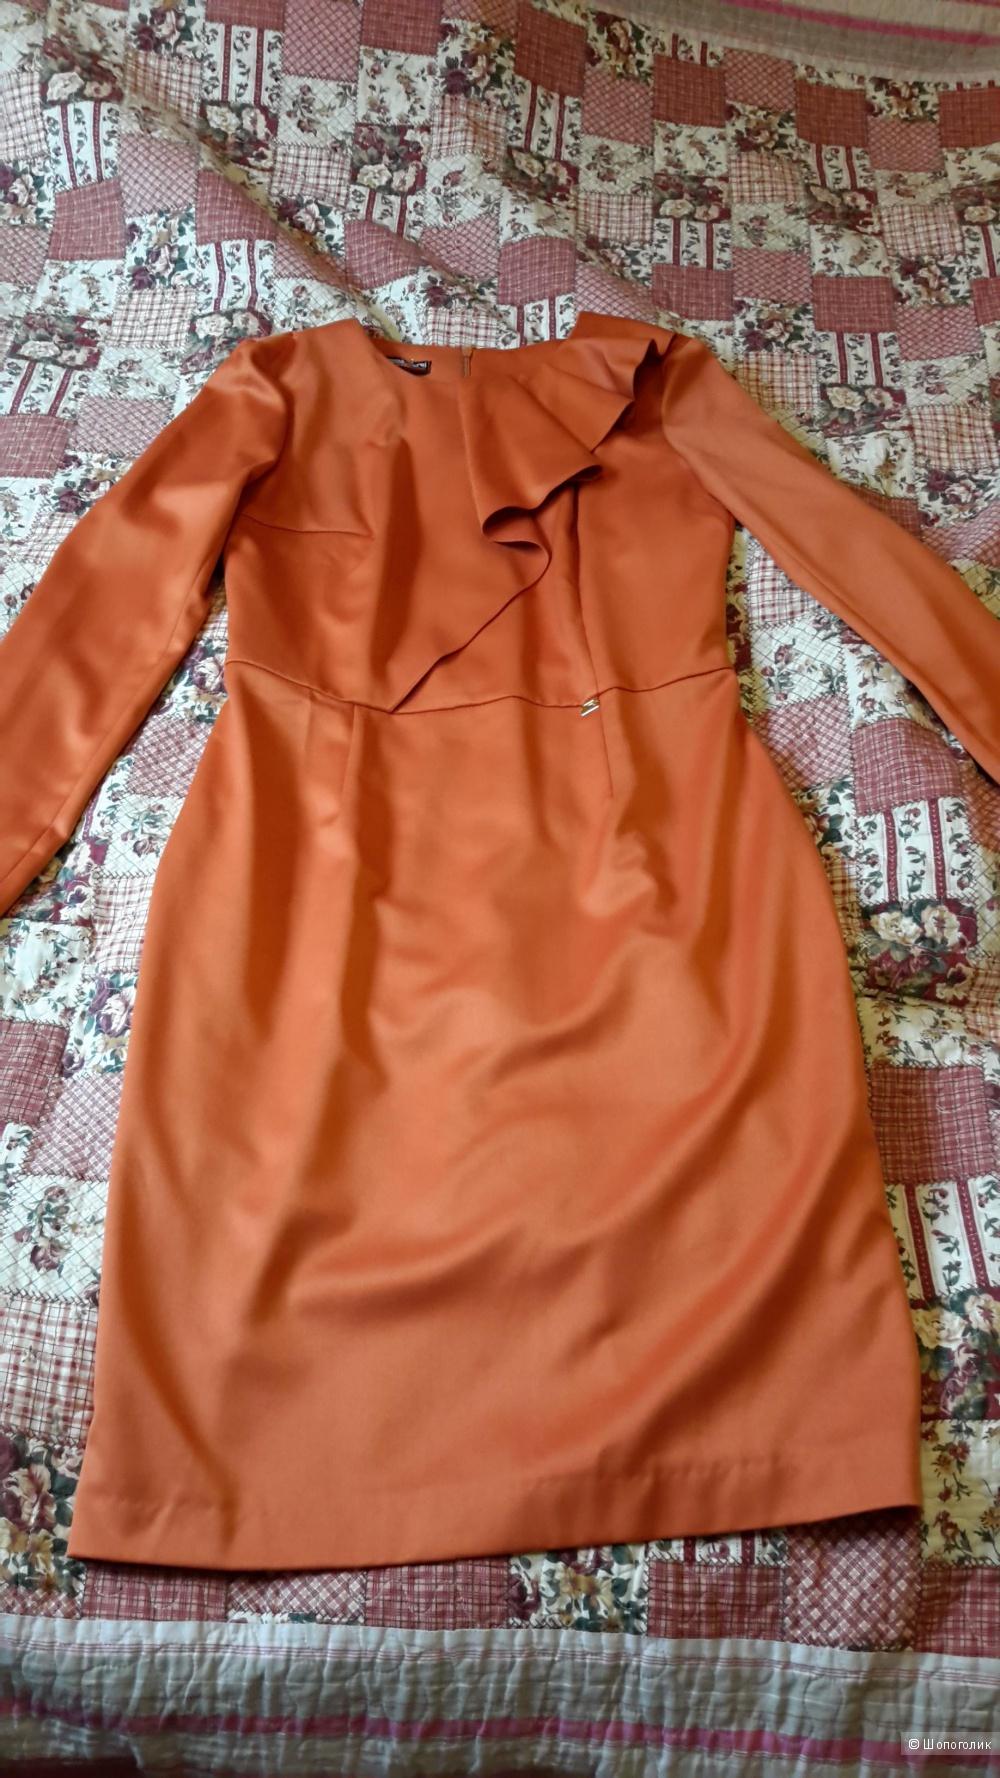 Платье Raiberi Огни большого города. Новое. Размер 46.